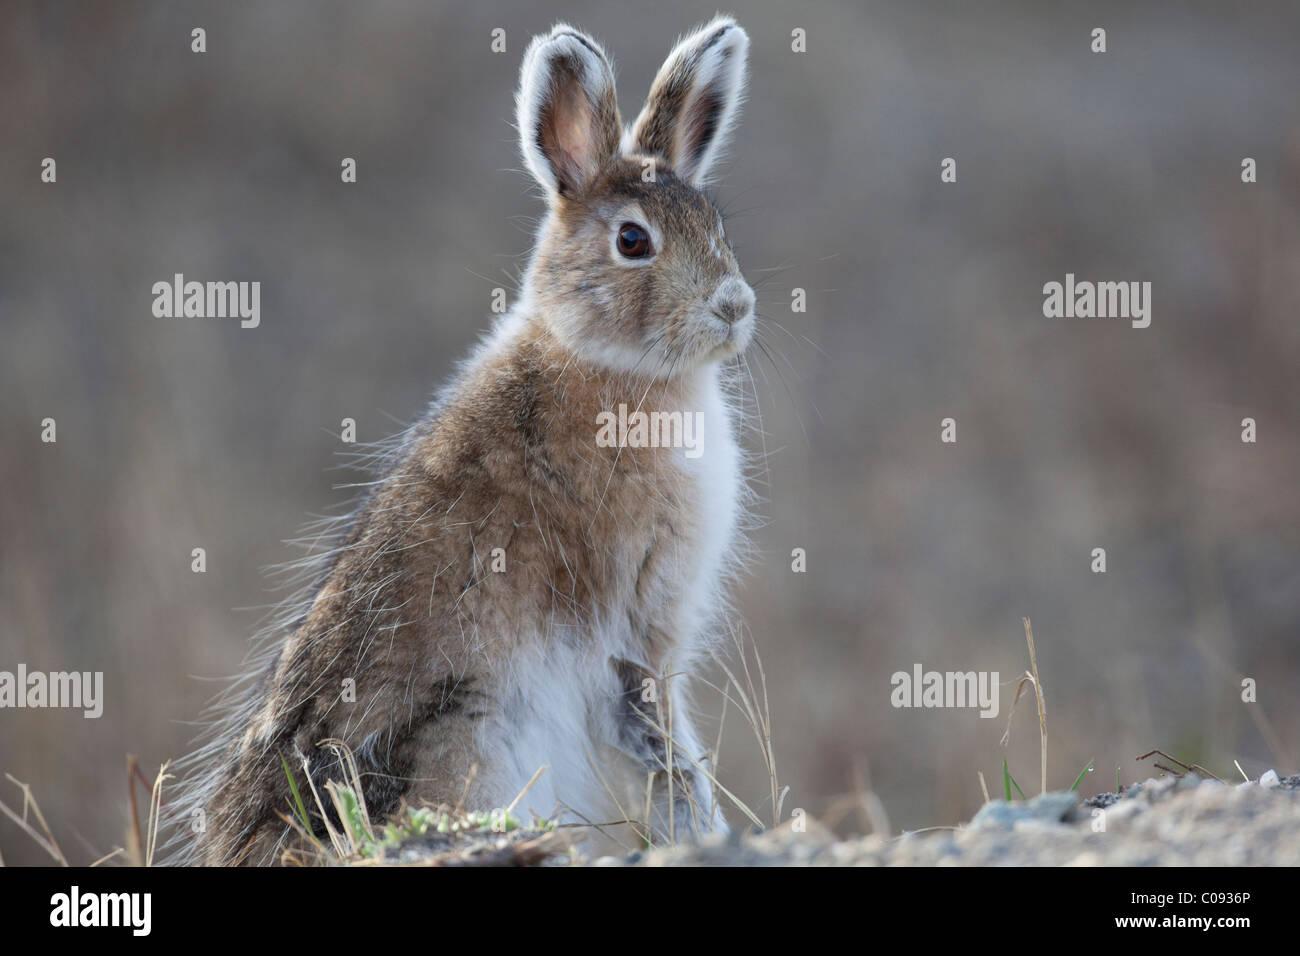 Cierre de un snowshoe hare sentado y alerta, el Parque Nacional Denali y preservar, interior de Alaska, Primavera Imagen De Stock